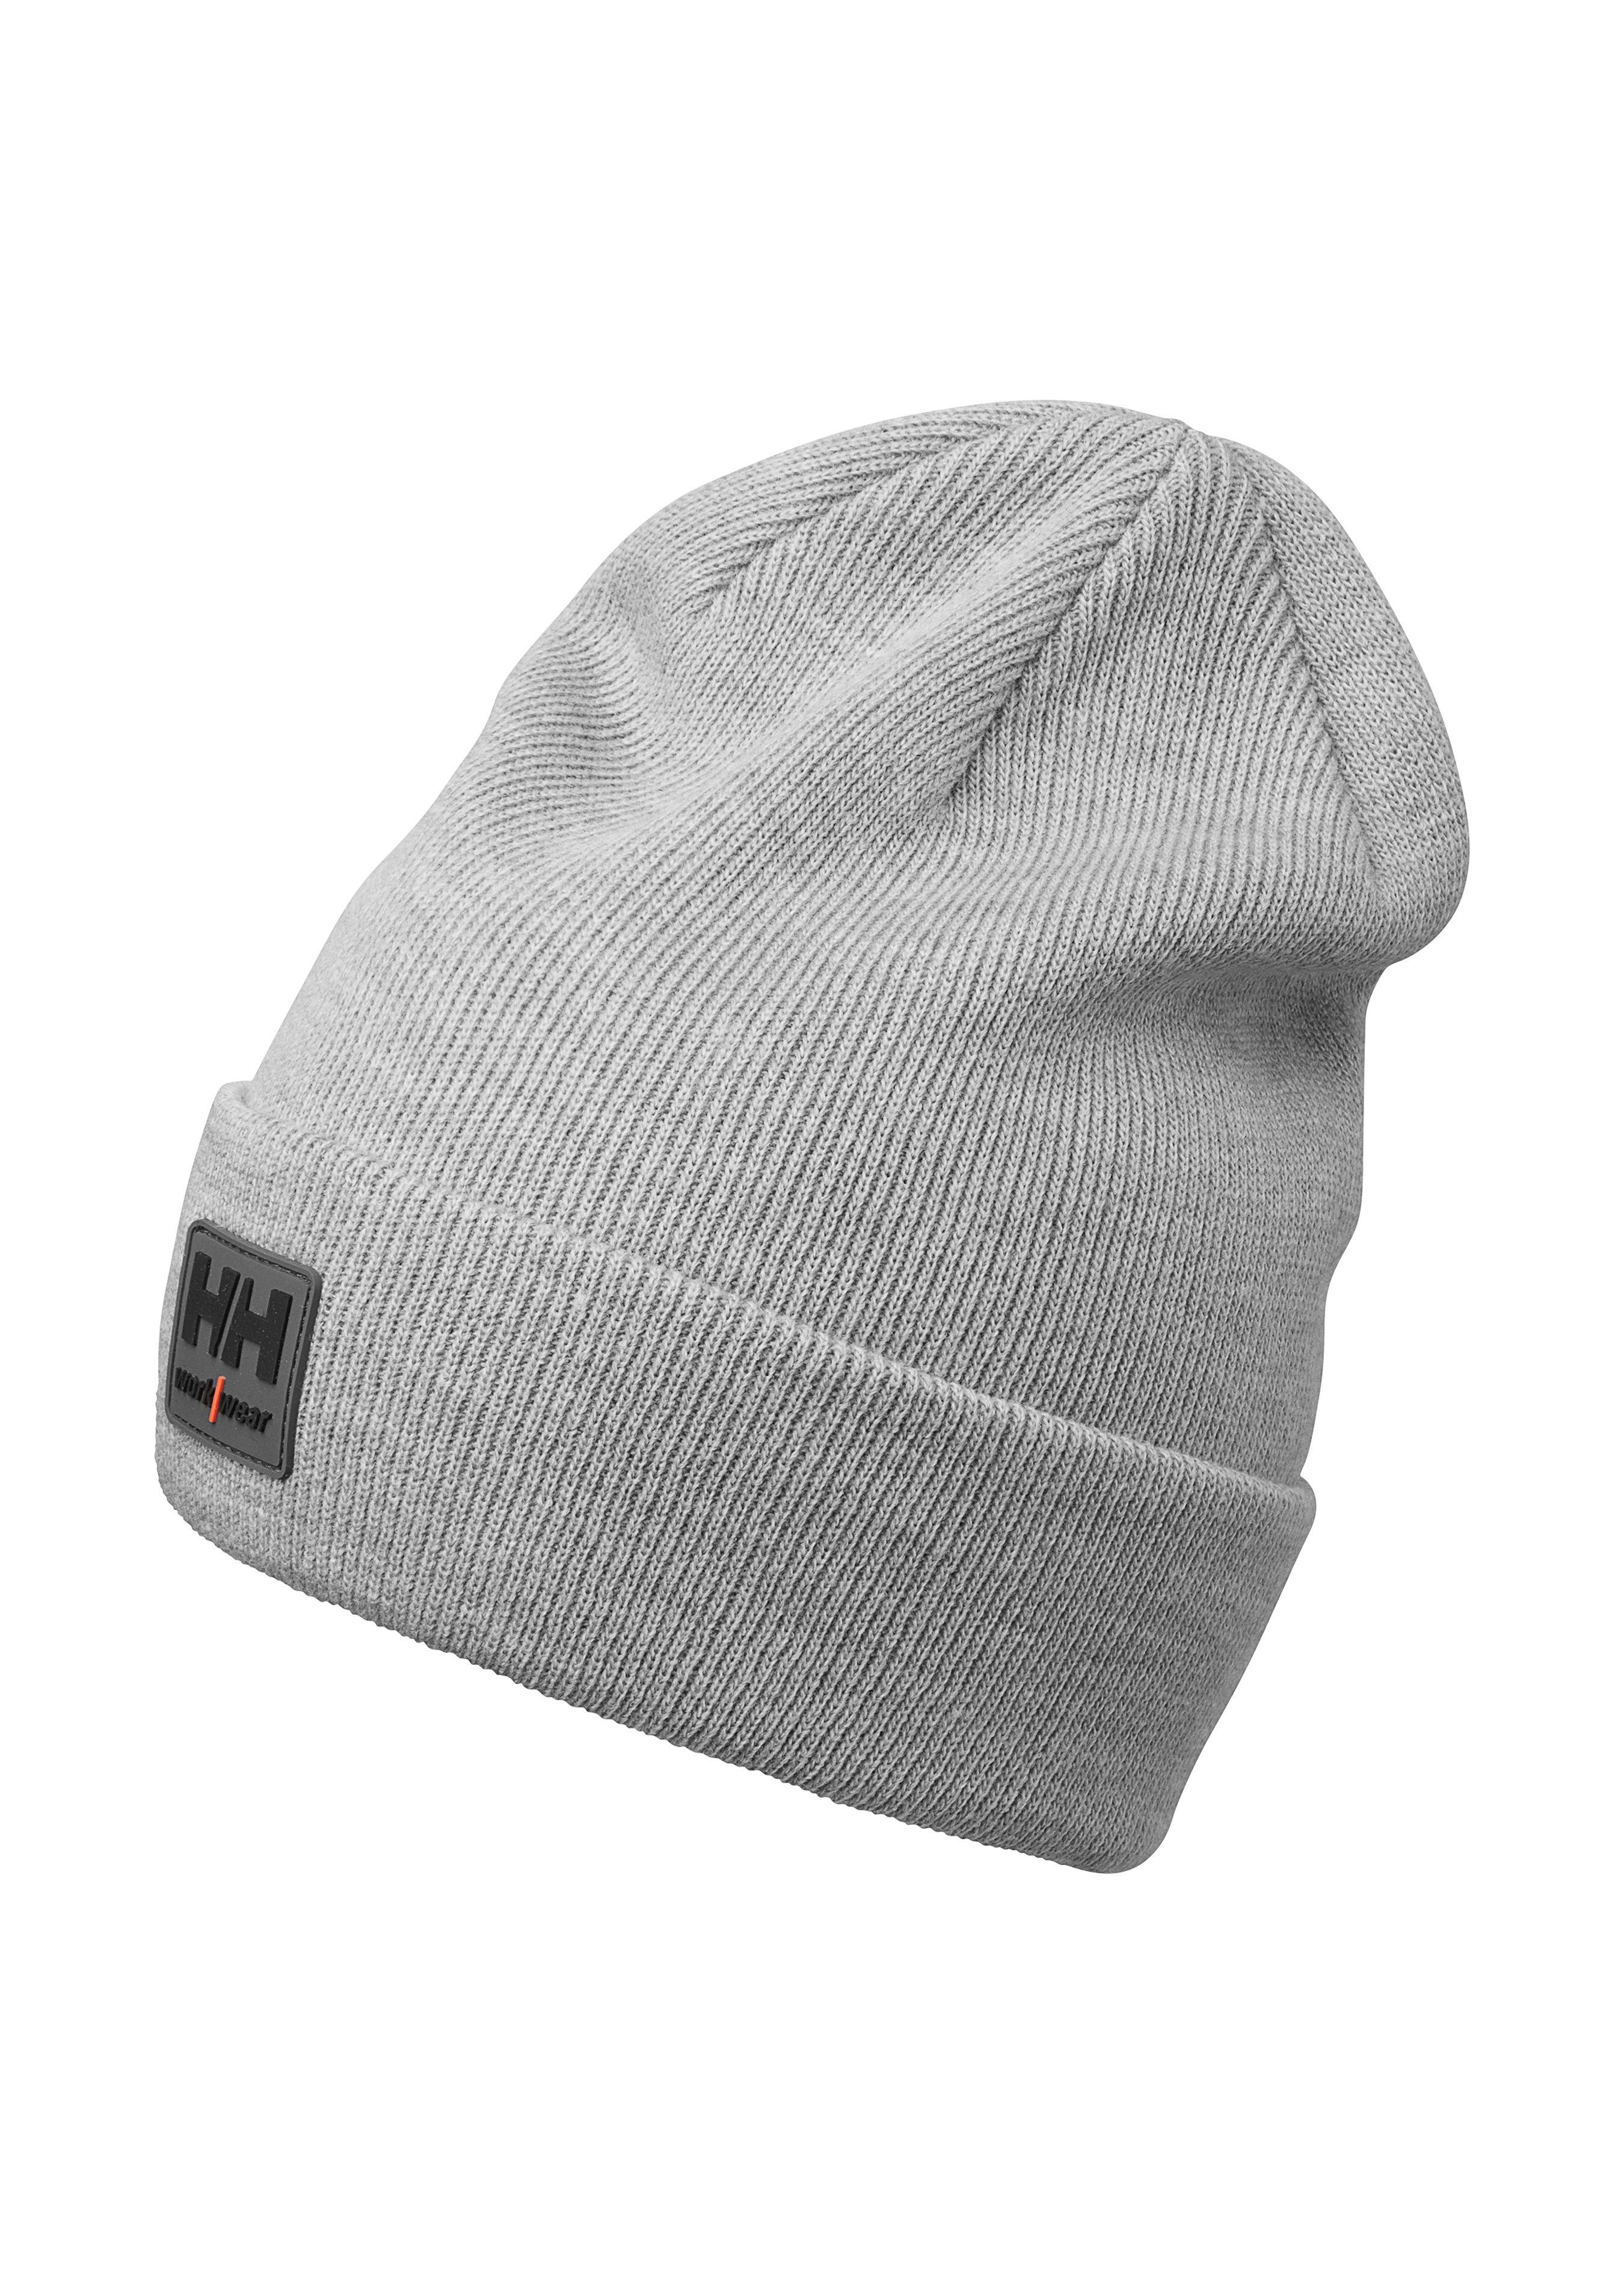 Bonnet tricoté Beanie 249157 1